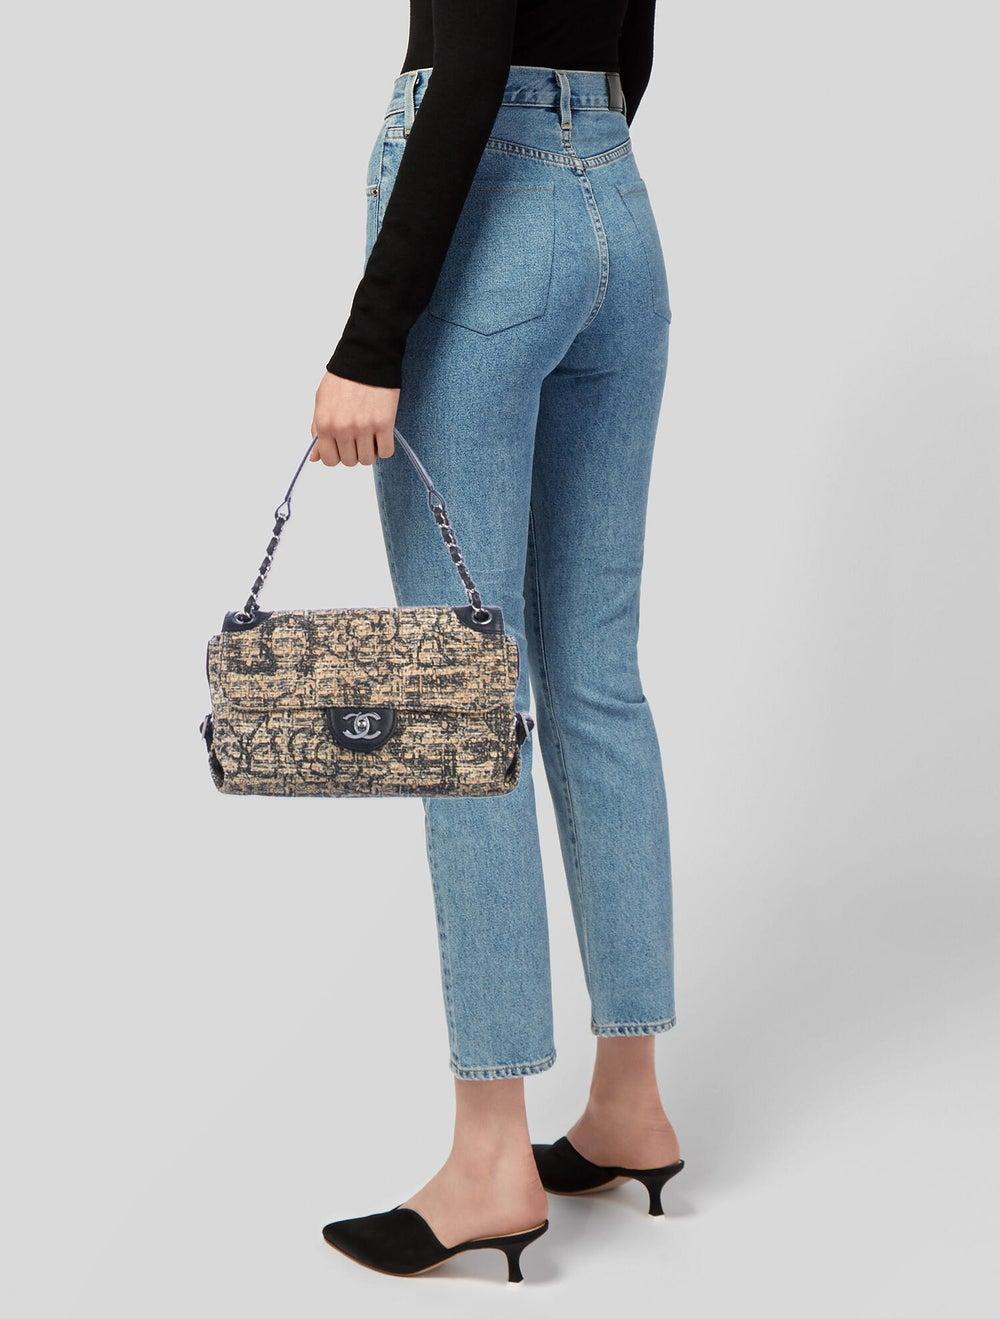 Chanel Tweed Shoulder Bag Silver - image 2